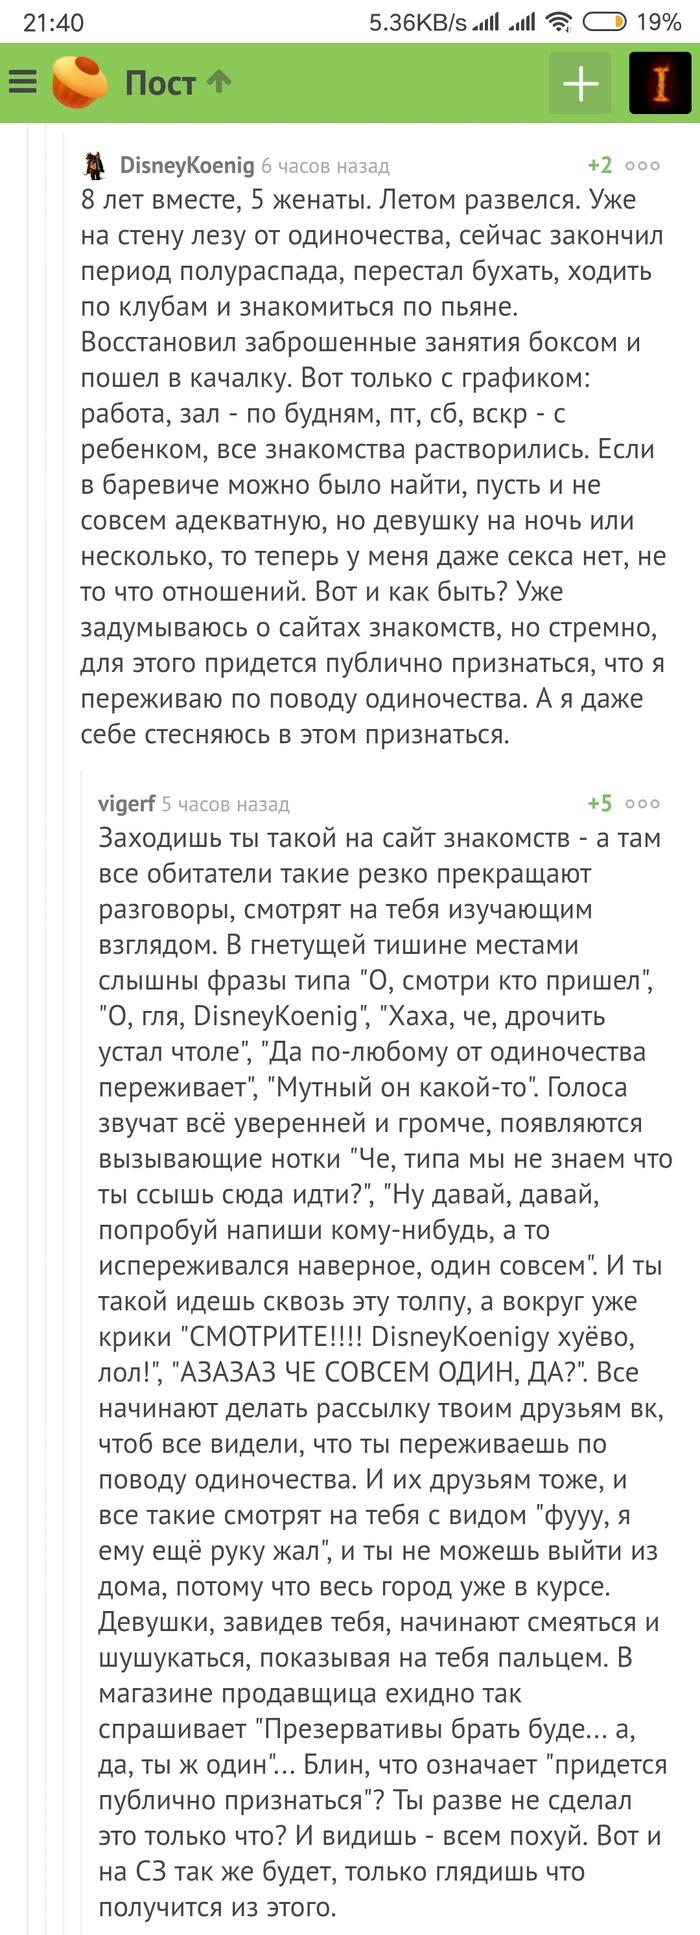 chat-znakomstv-s-temnokozhimi-napilas-i-dala-poebatsya